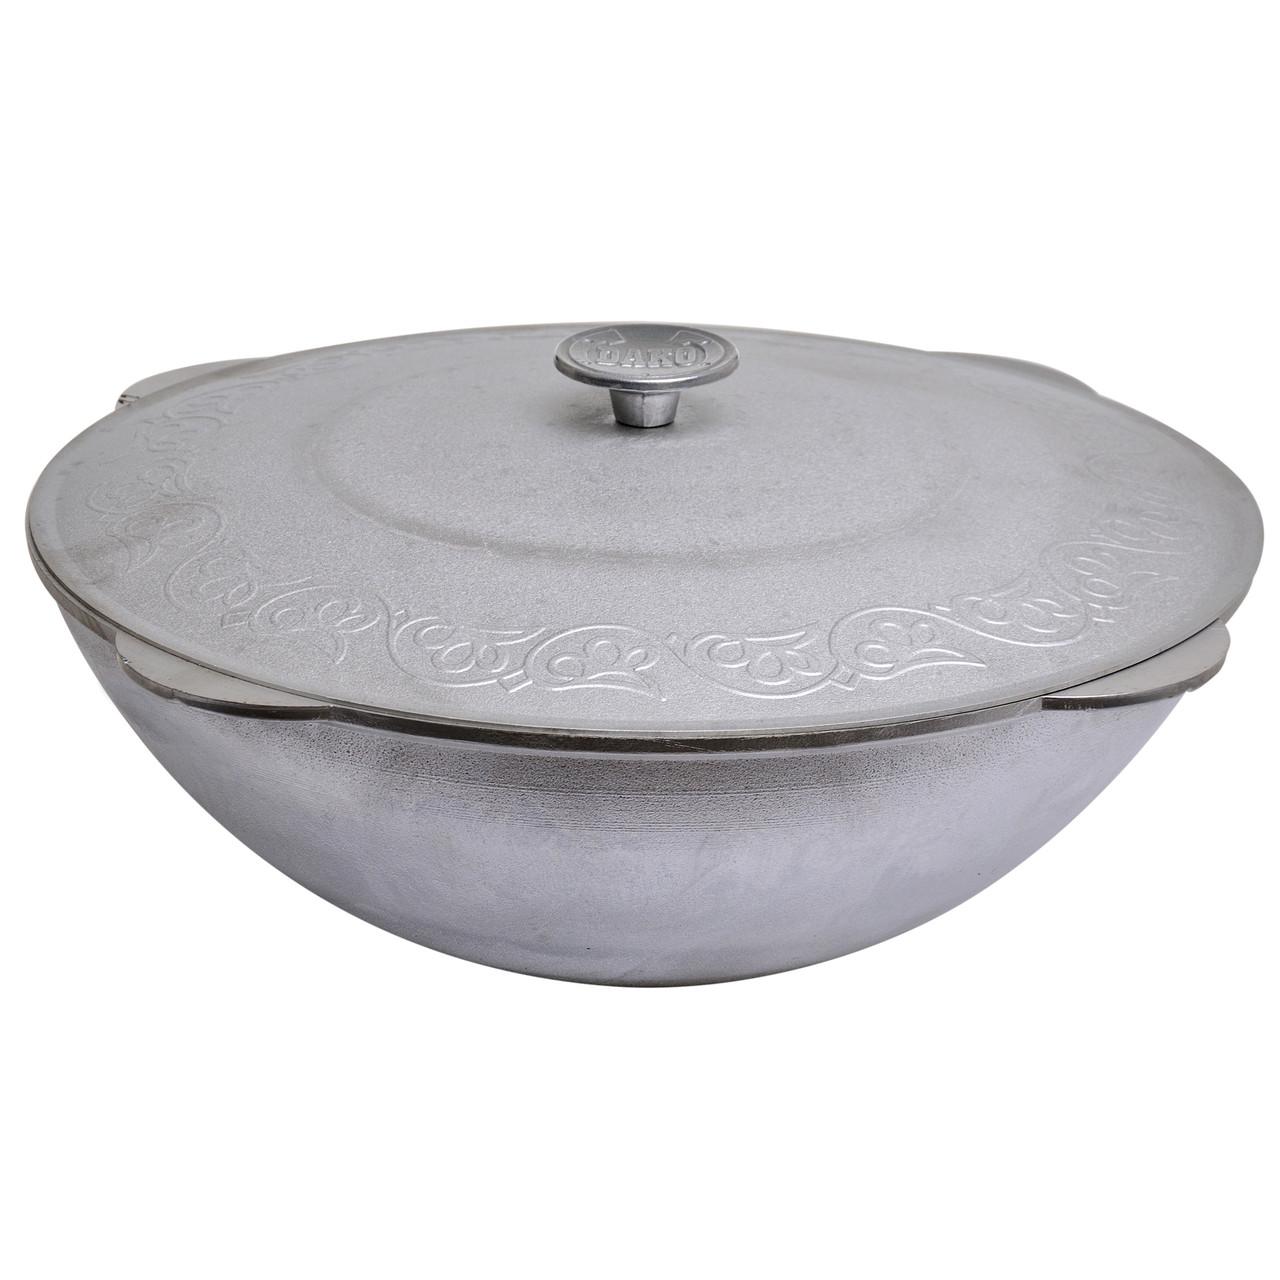 Казан татарский алюминиевый скрышкой на 40 литров. (Без дужки)